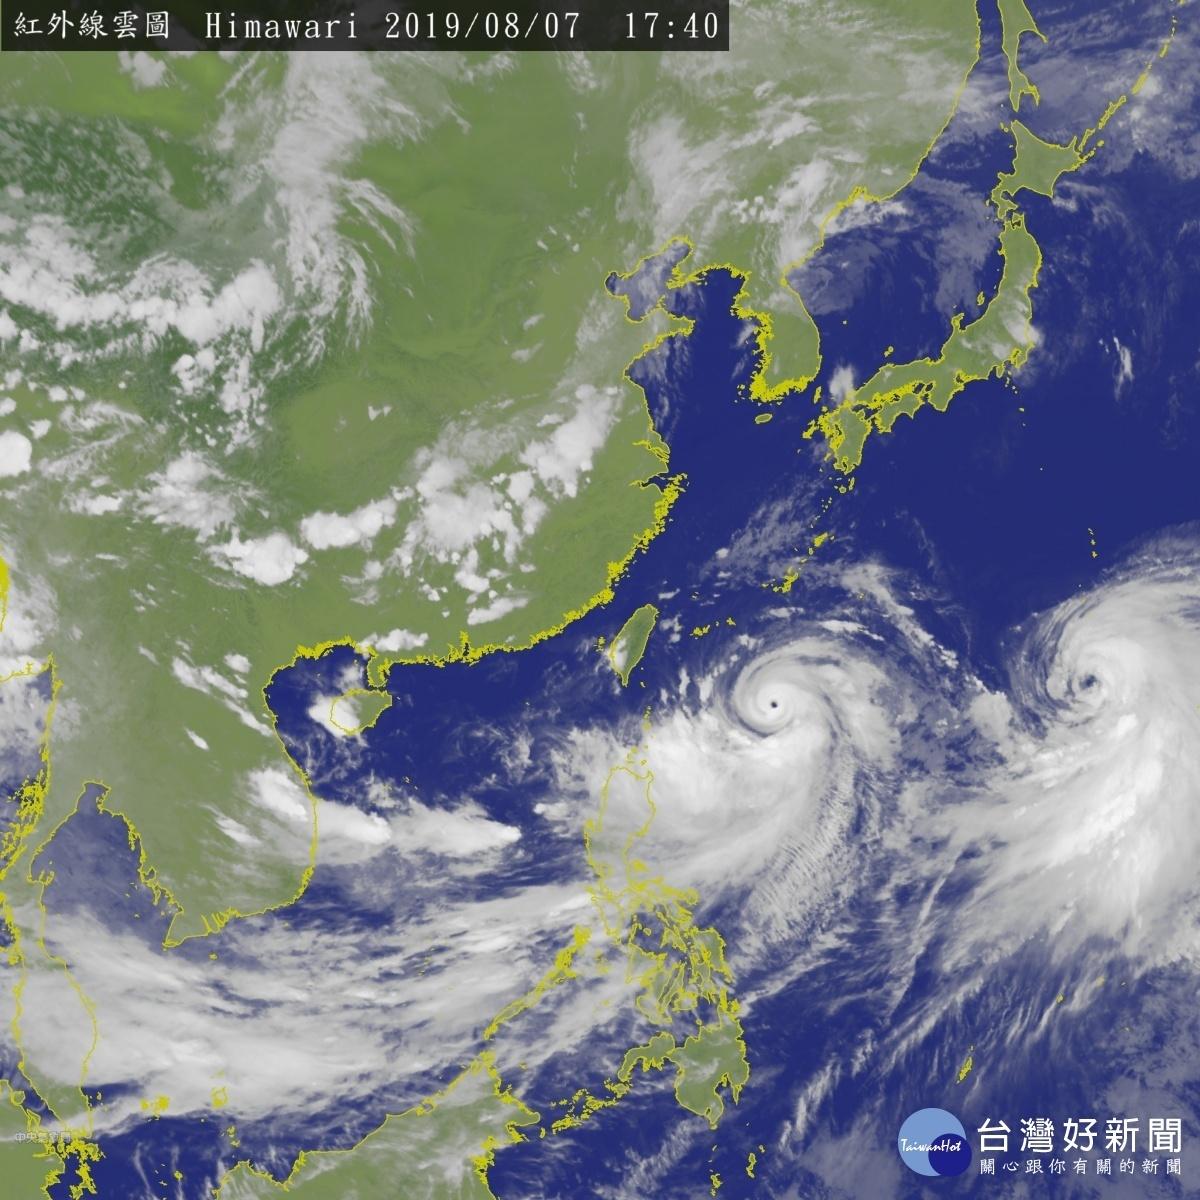 「颱風 利奇馬」的圖片搜尋結果